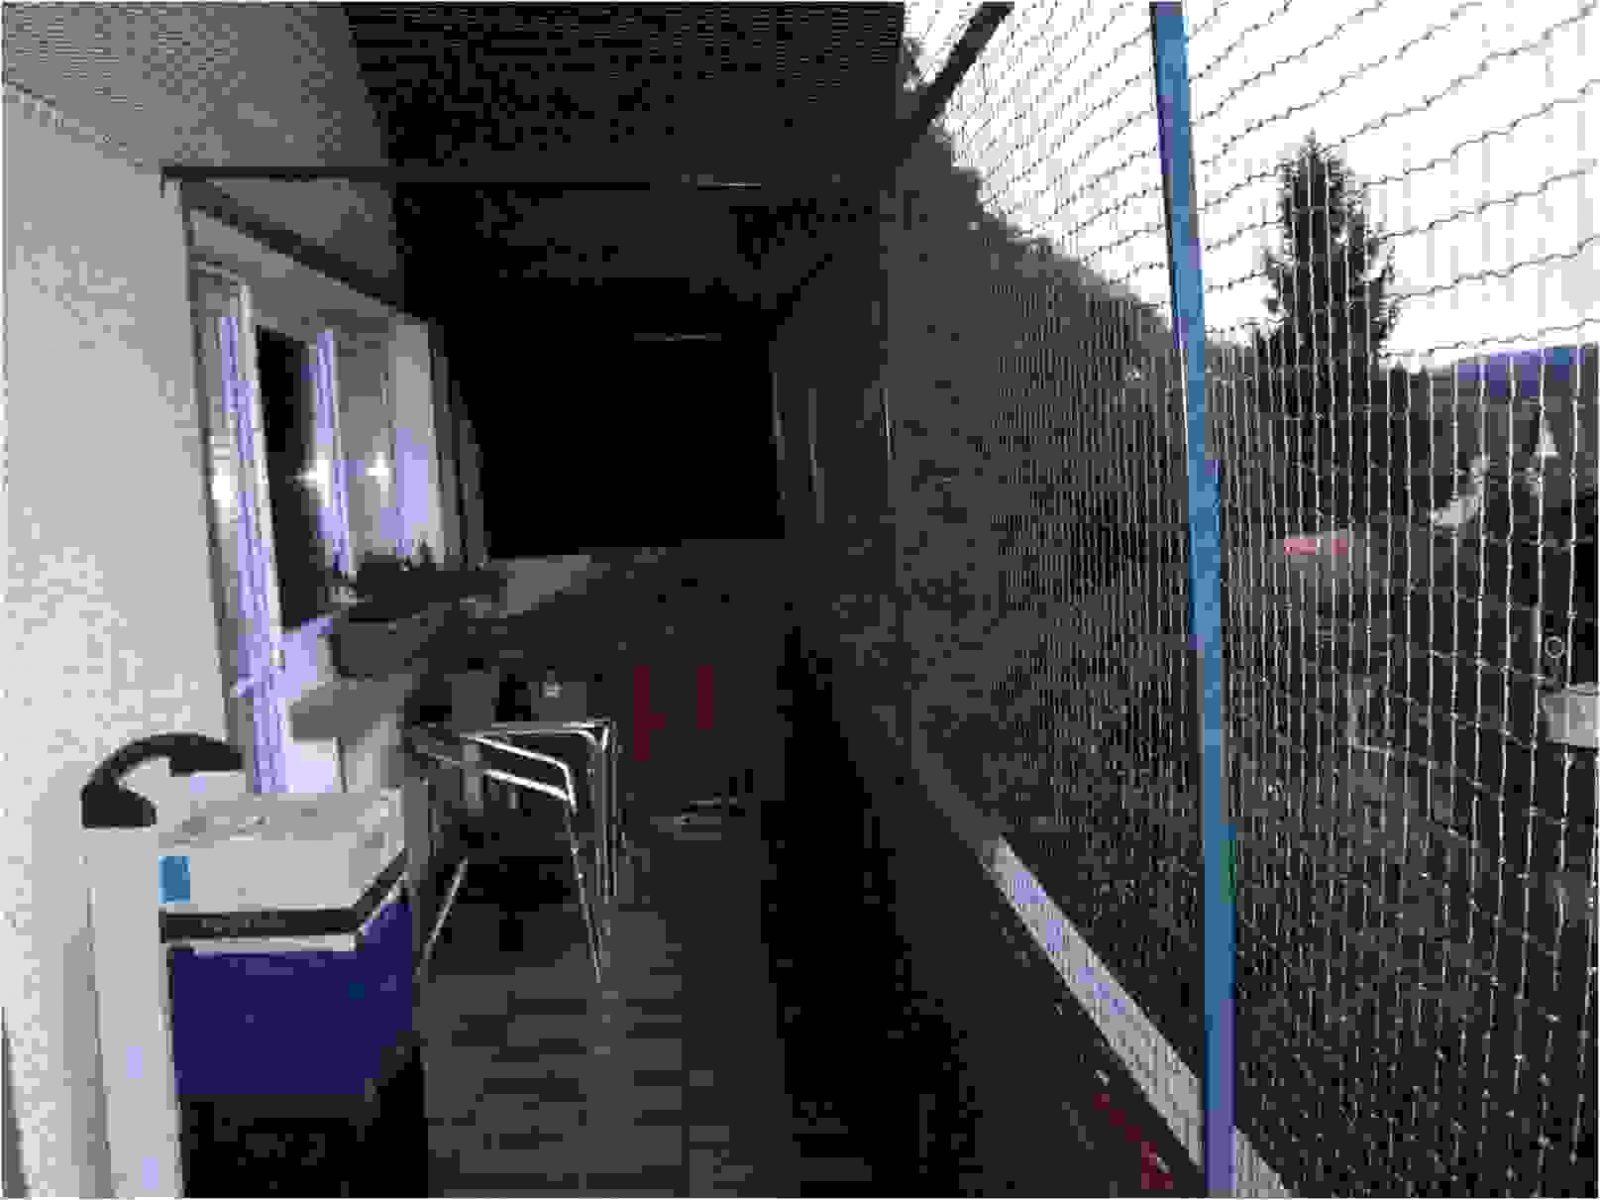 30 Das Beste Balkon Sichtschutz Seitlich Ohne Bohren Konzept  Haus von Sichtschutz Balkon Seitlich Ohne Bohren Bild